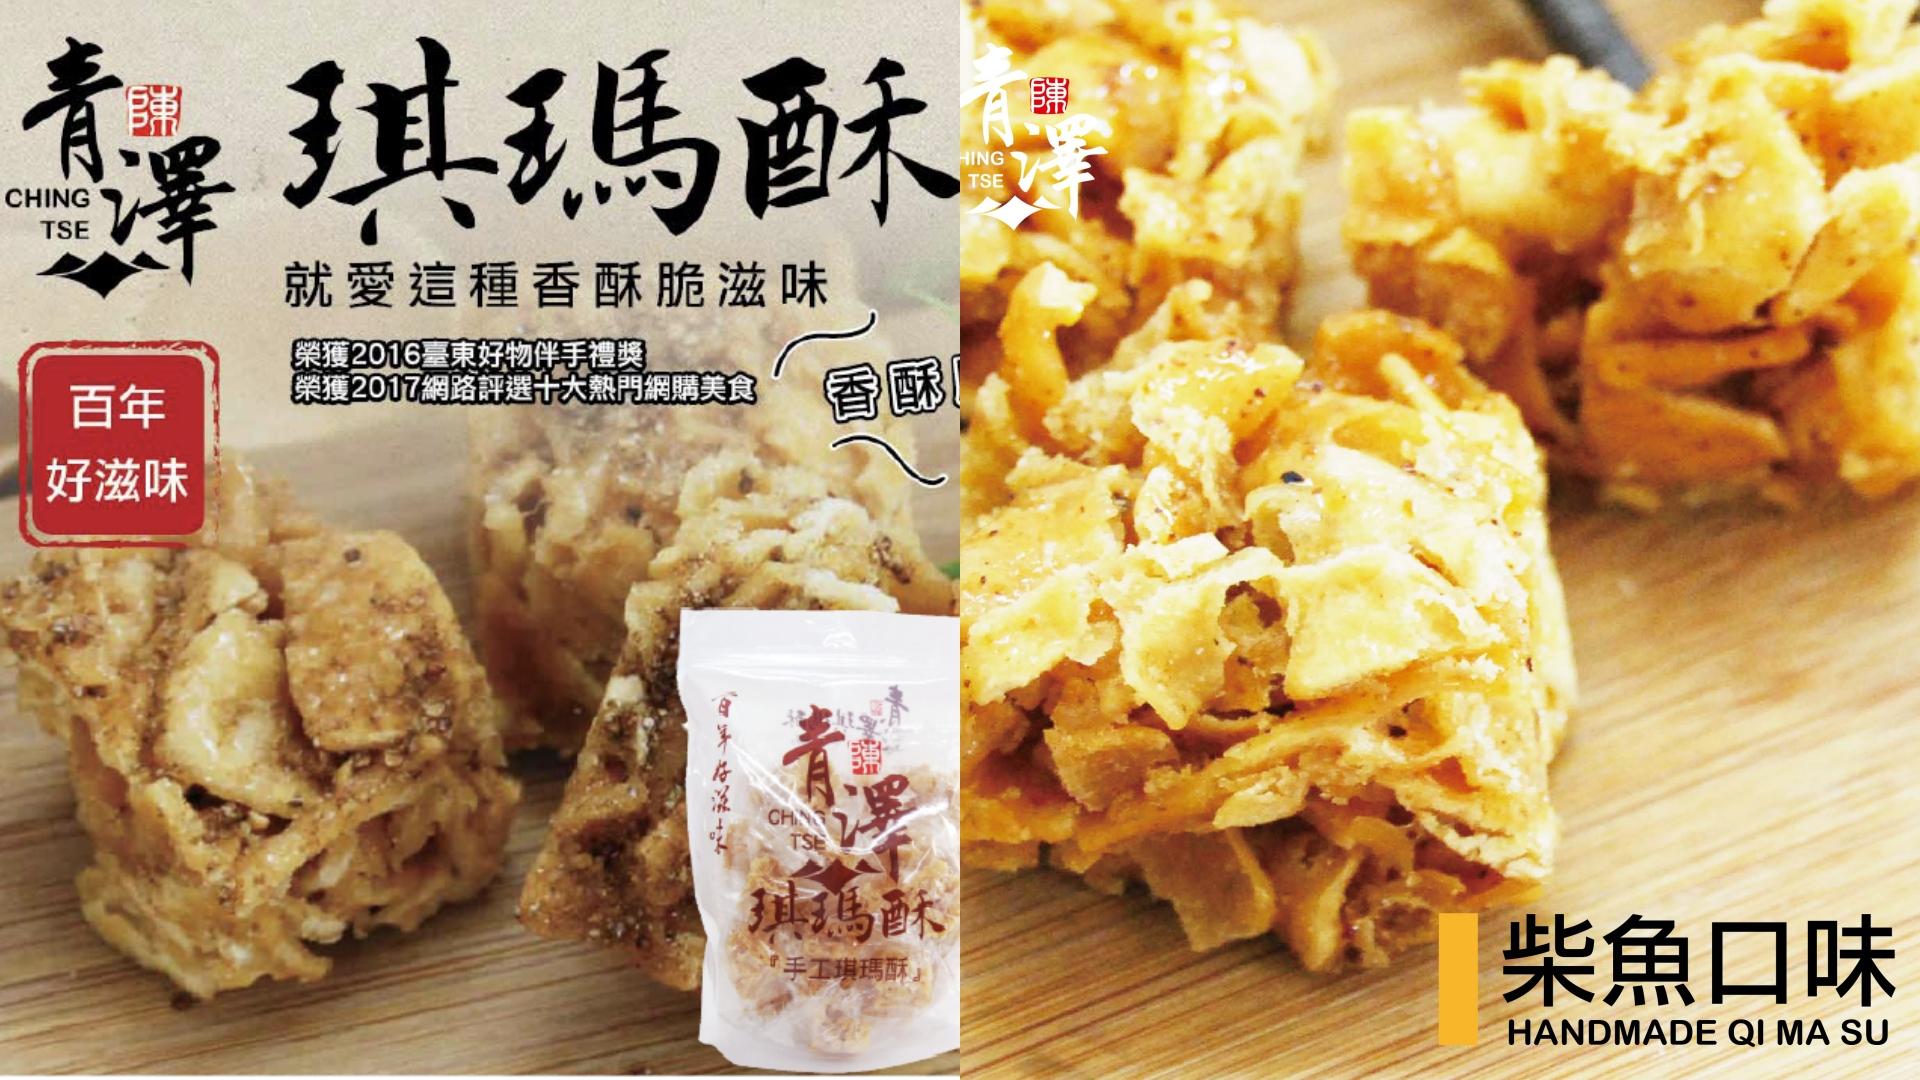 相傳是乾隆皇帝愛吃的點心,延續古法堅持手工製作,通過SGS檢驗,不添加防腐劑,吃起來香酥脆